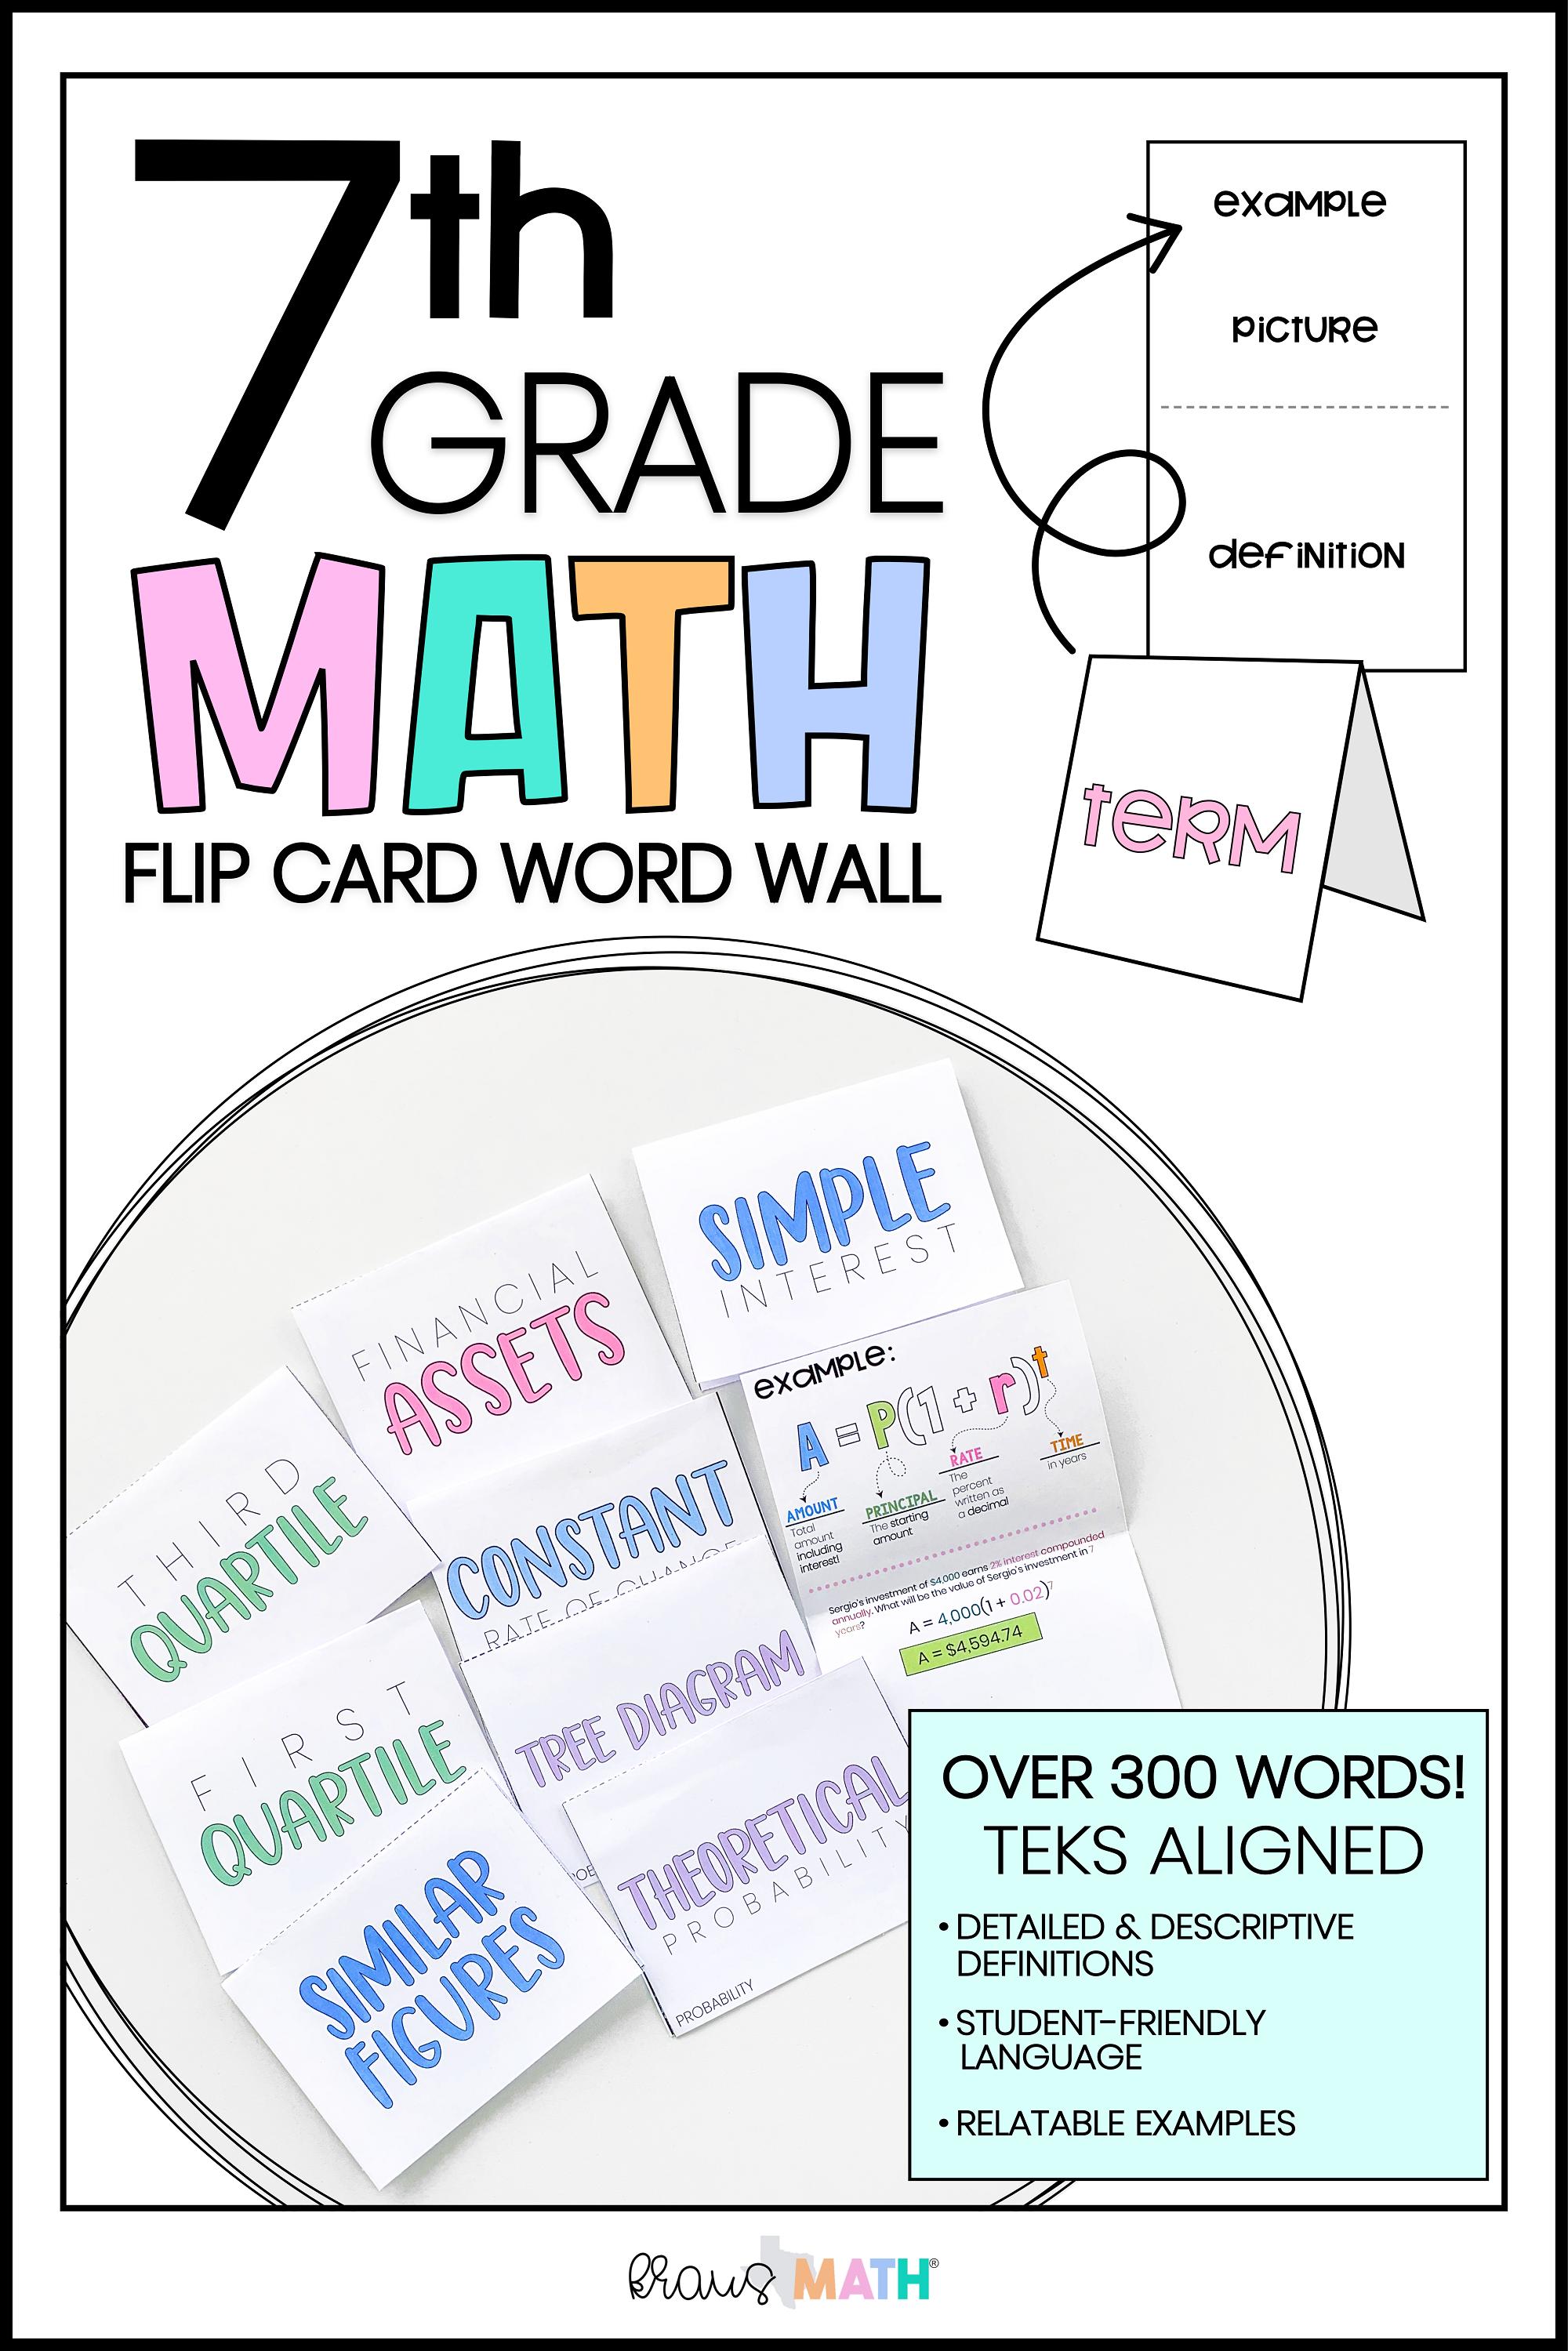 hight resolution of 7th Grade Math FLIP CARD Word Wall   Kraus Math   7th grade math